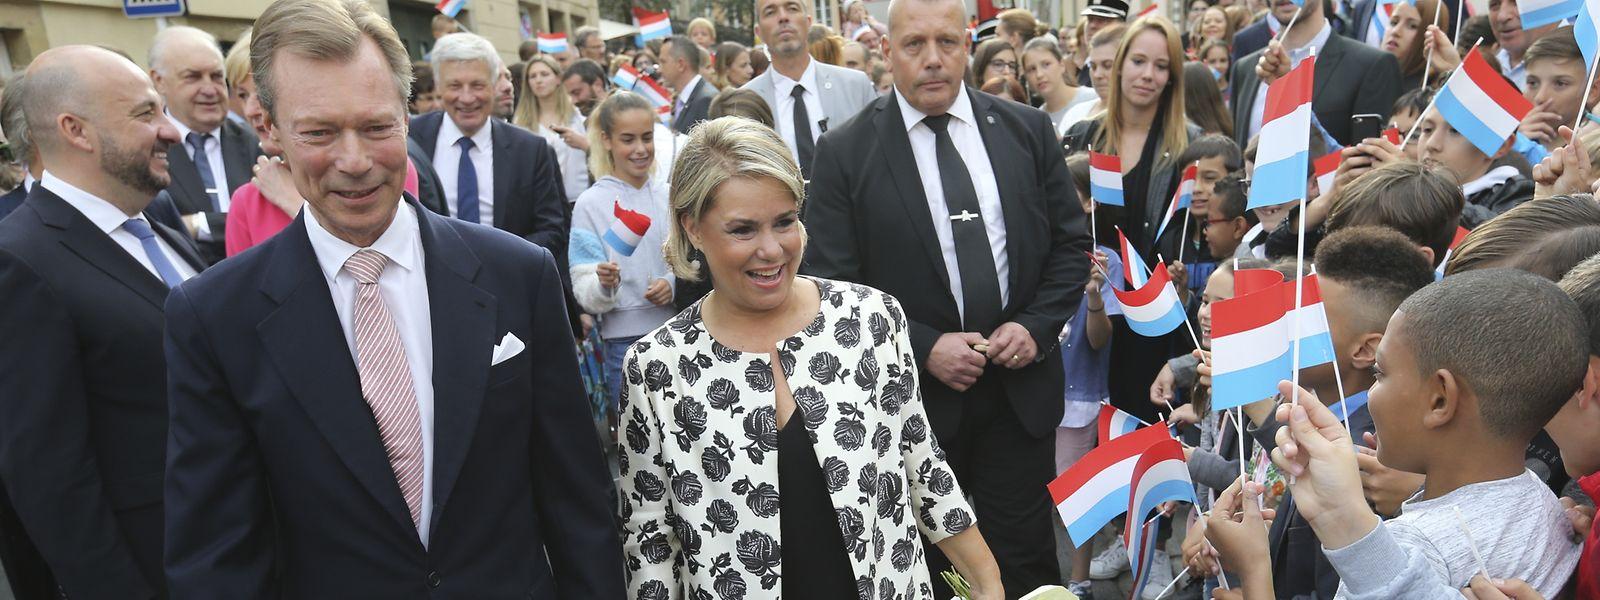 Das großherzogliche Paar wurde in Fels mit viel Freude empfangen.